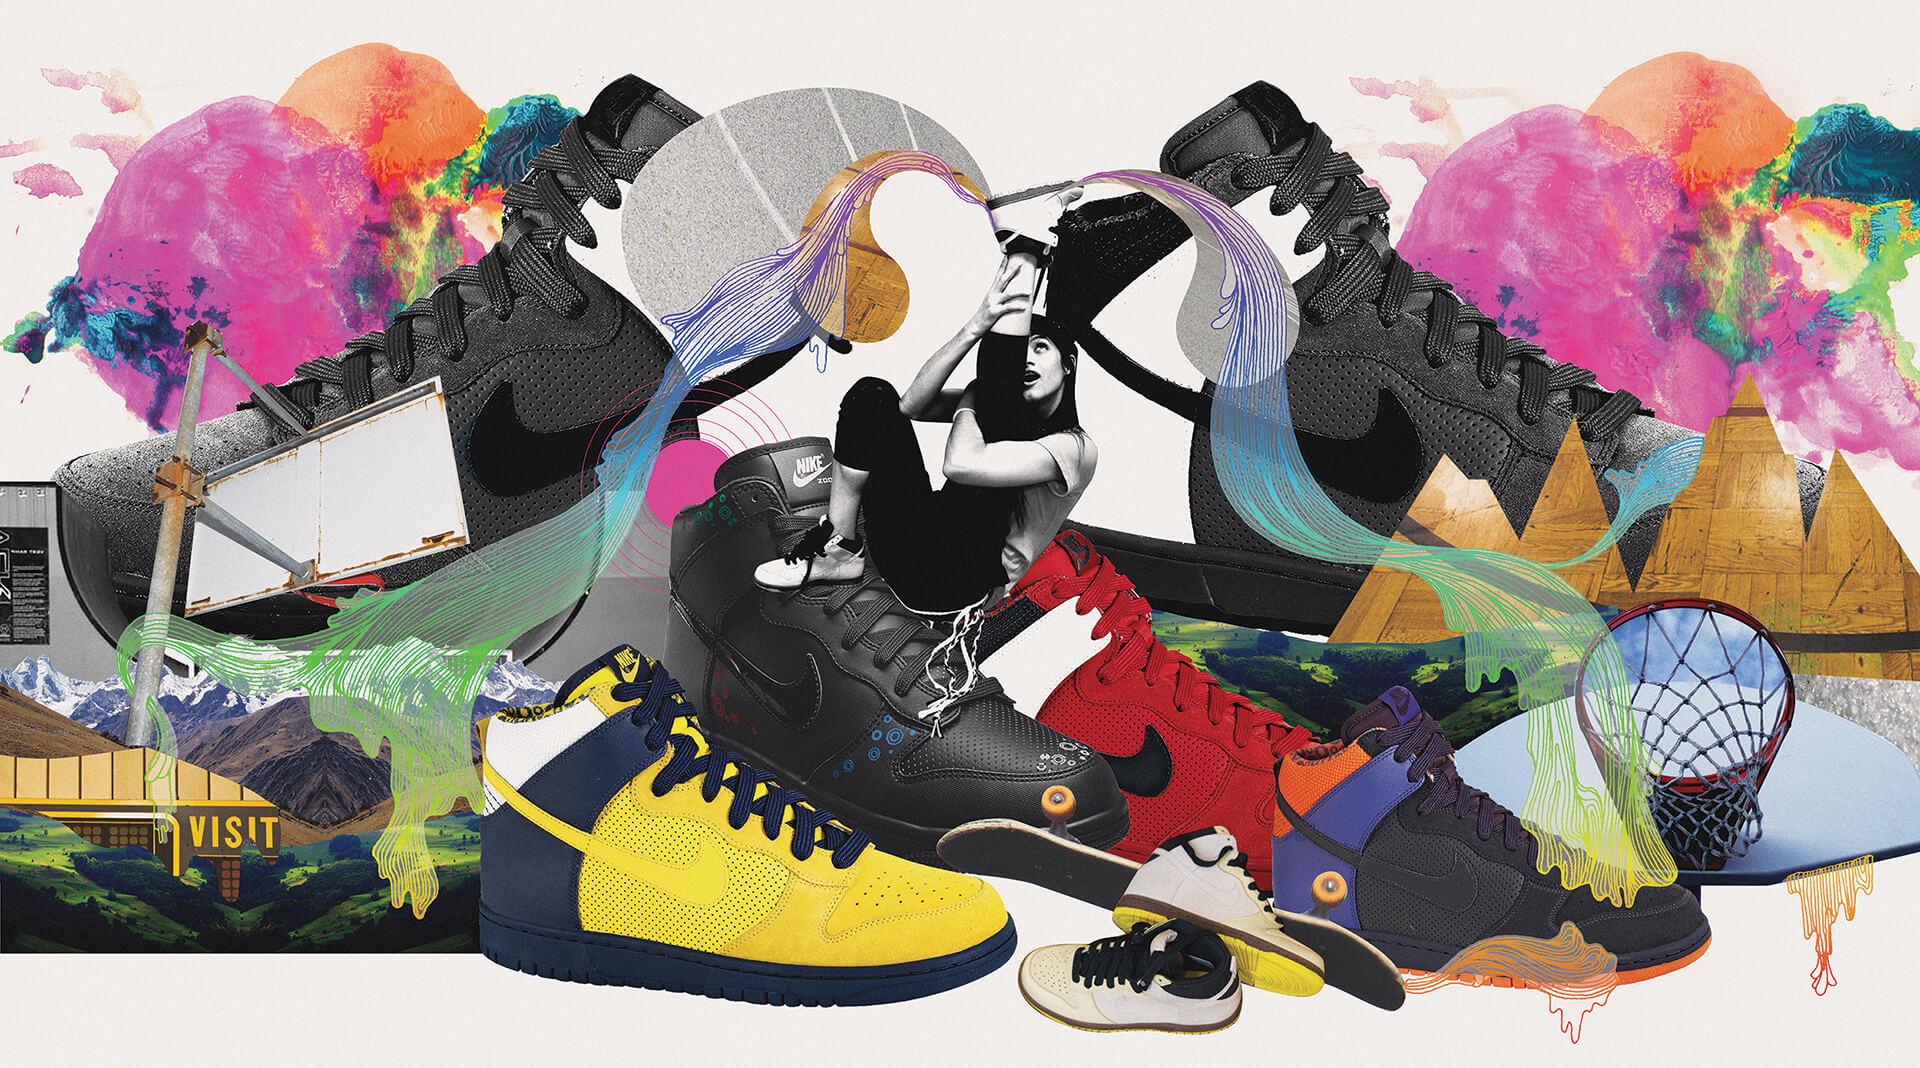 Nike Sportswear Launch 08_08_08 1920px 02